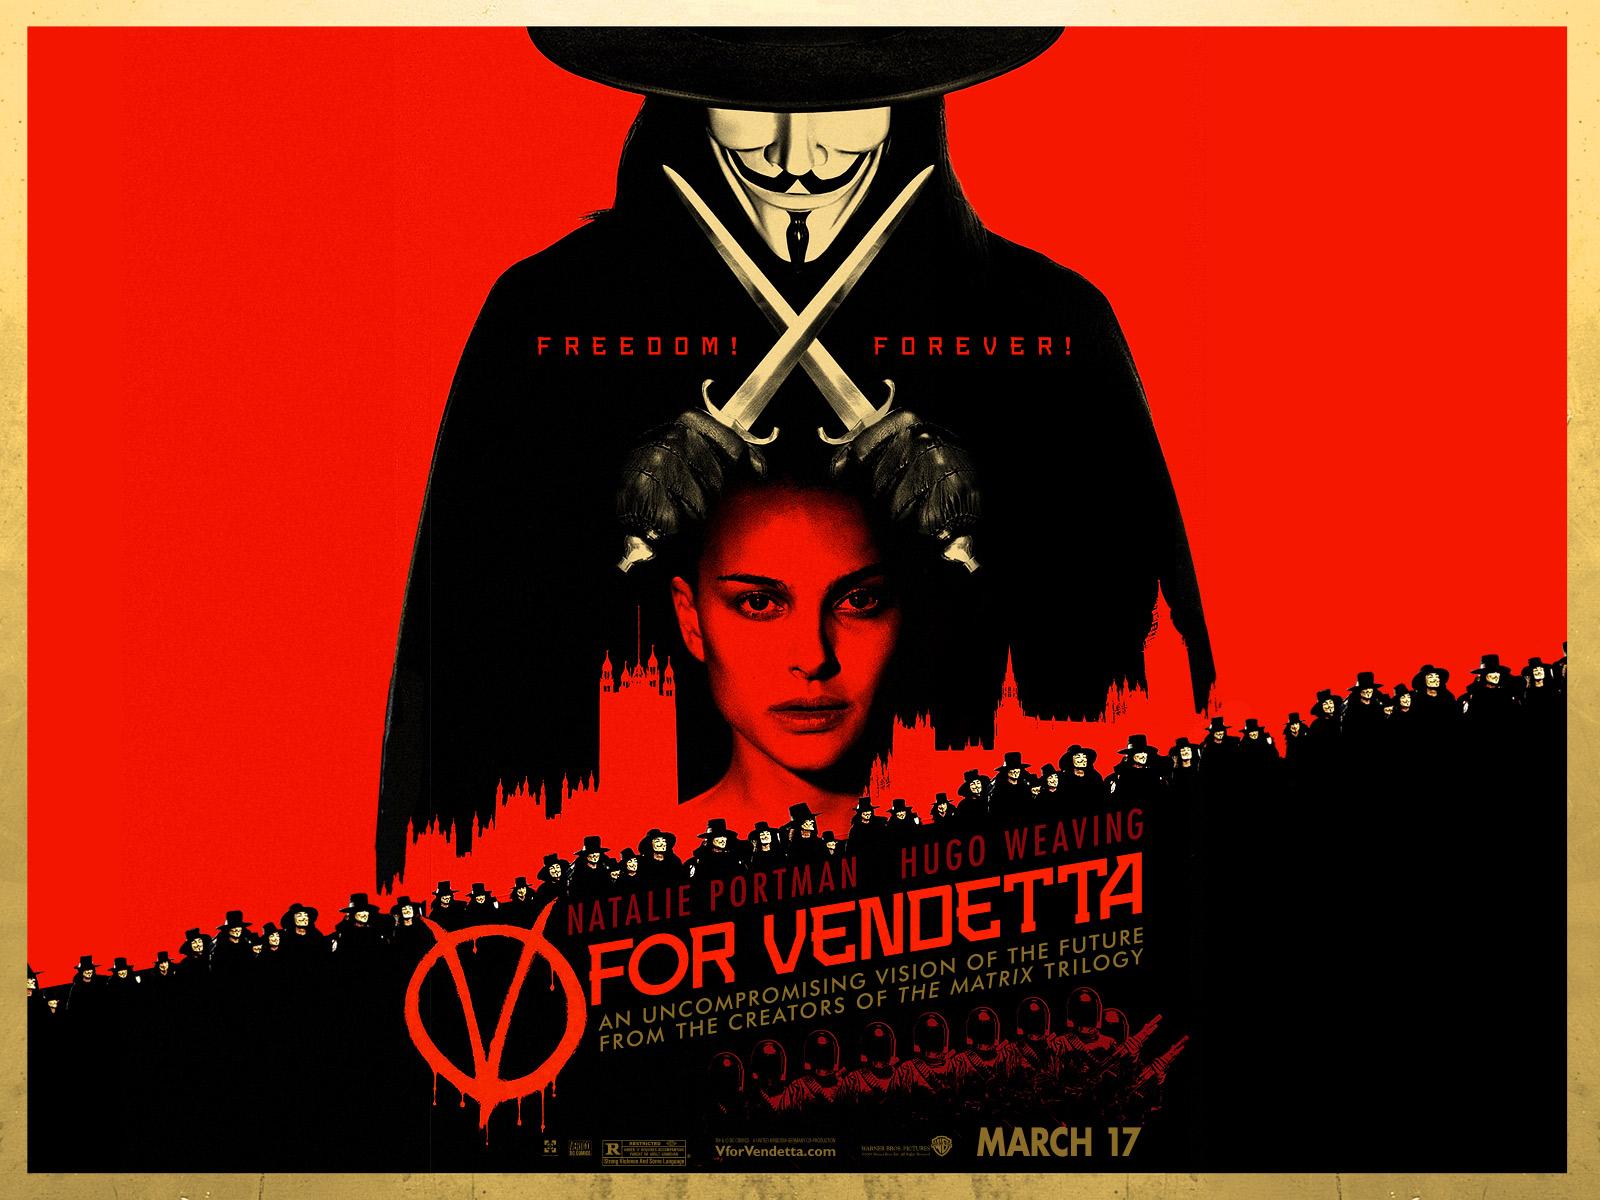 http://2.bp.blogspot.com/_Nj-1Y1CorXI/TPpzvmqvyDI/AAAAAAAAAC8/z5ngdIqT0IQ/s1600/2006_v_for_vendetta_wallpaper_004.jpg